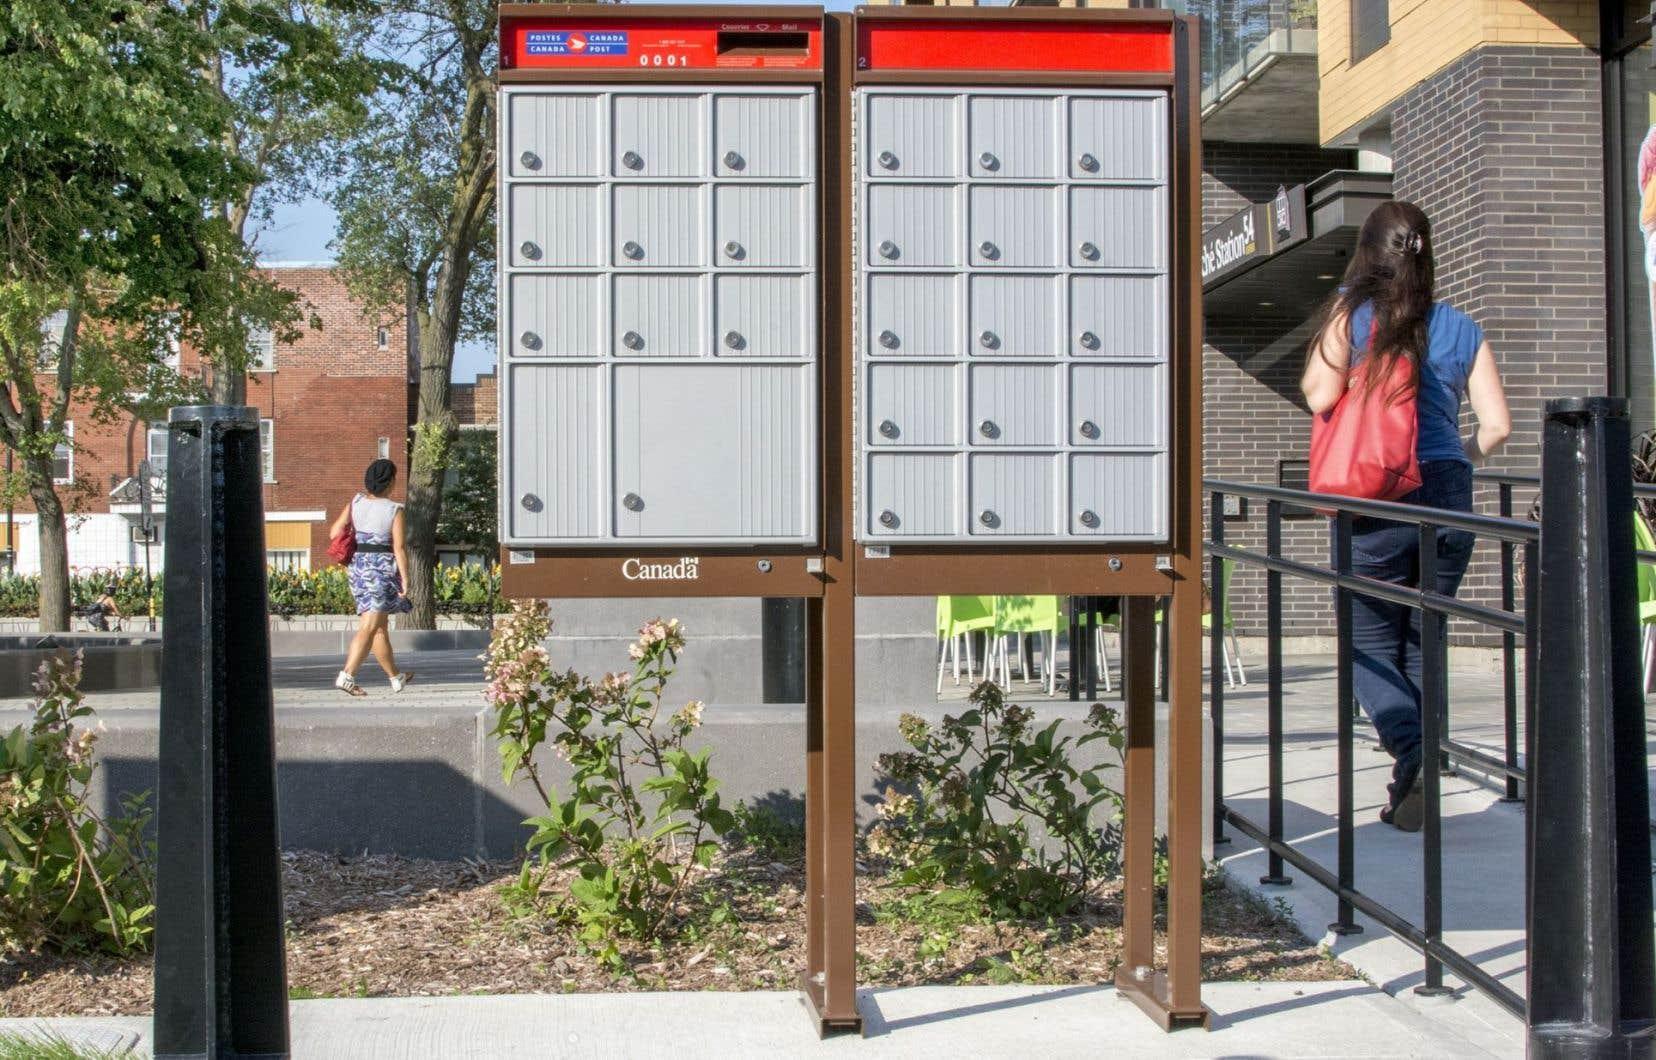 Ce sont des boîtes postales communautaires qui doivent remplacer la livraison du courrier à domicile.